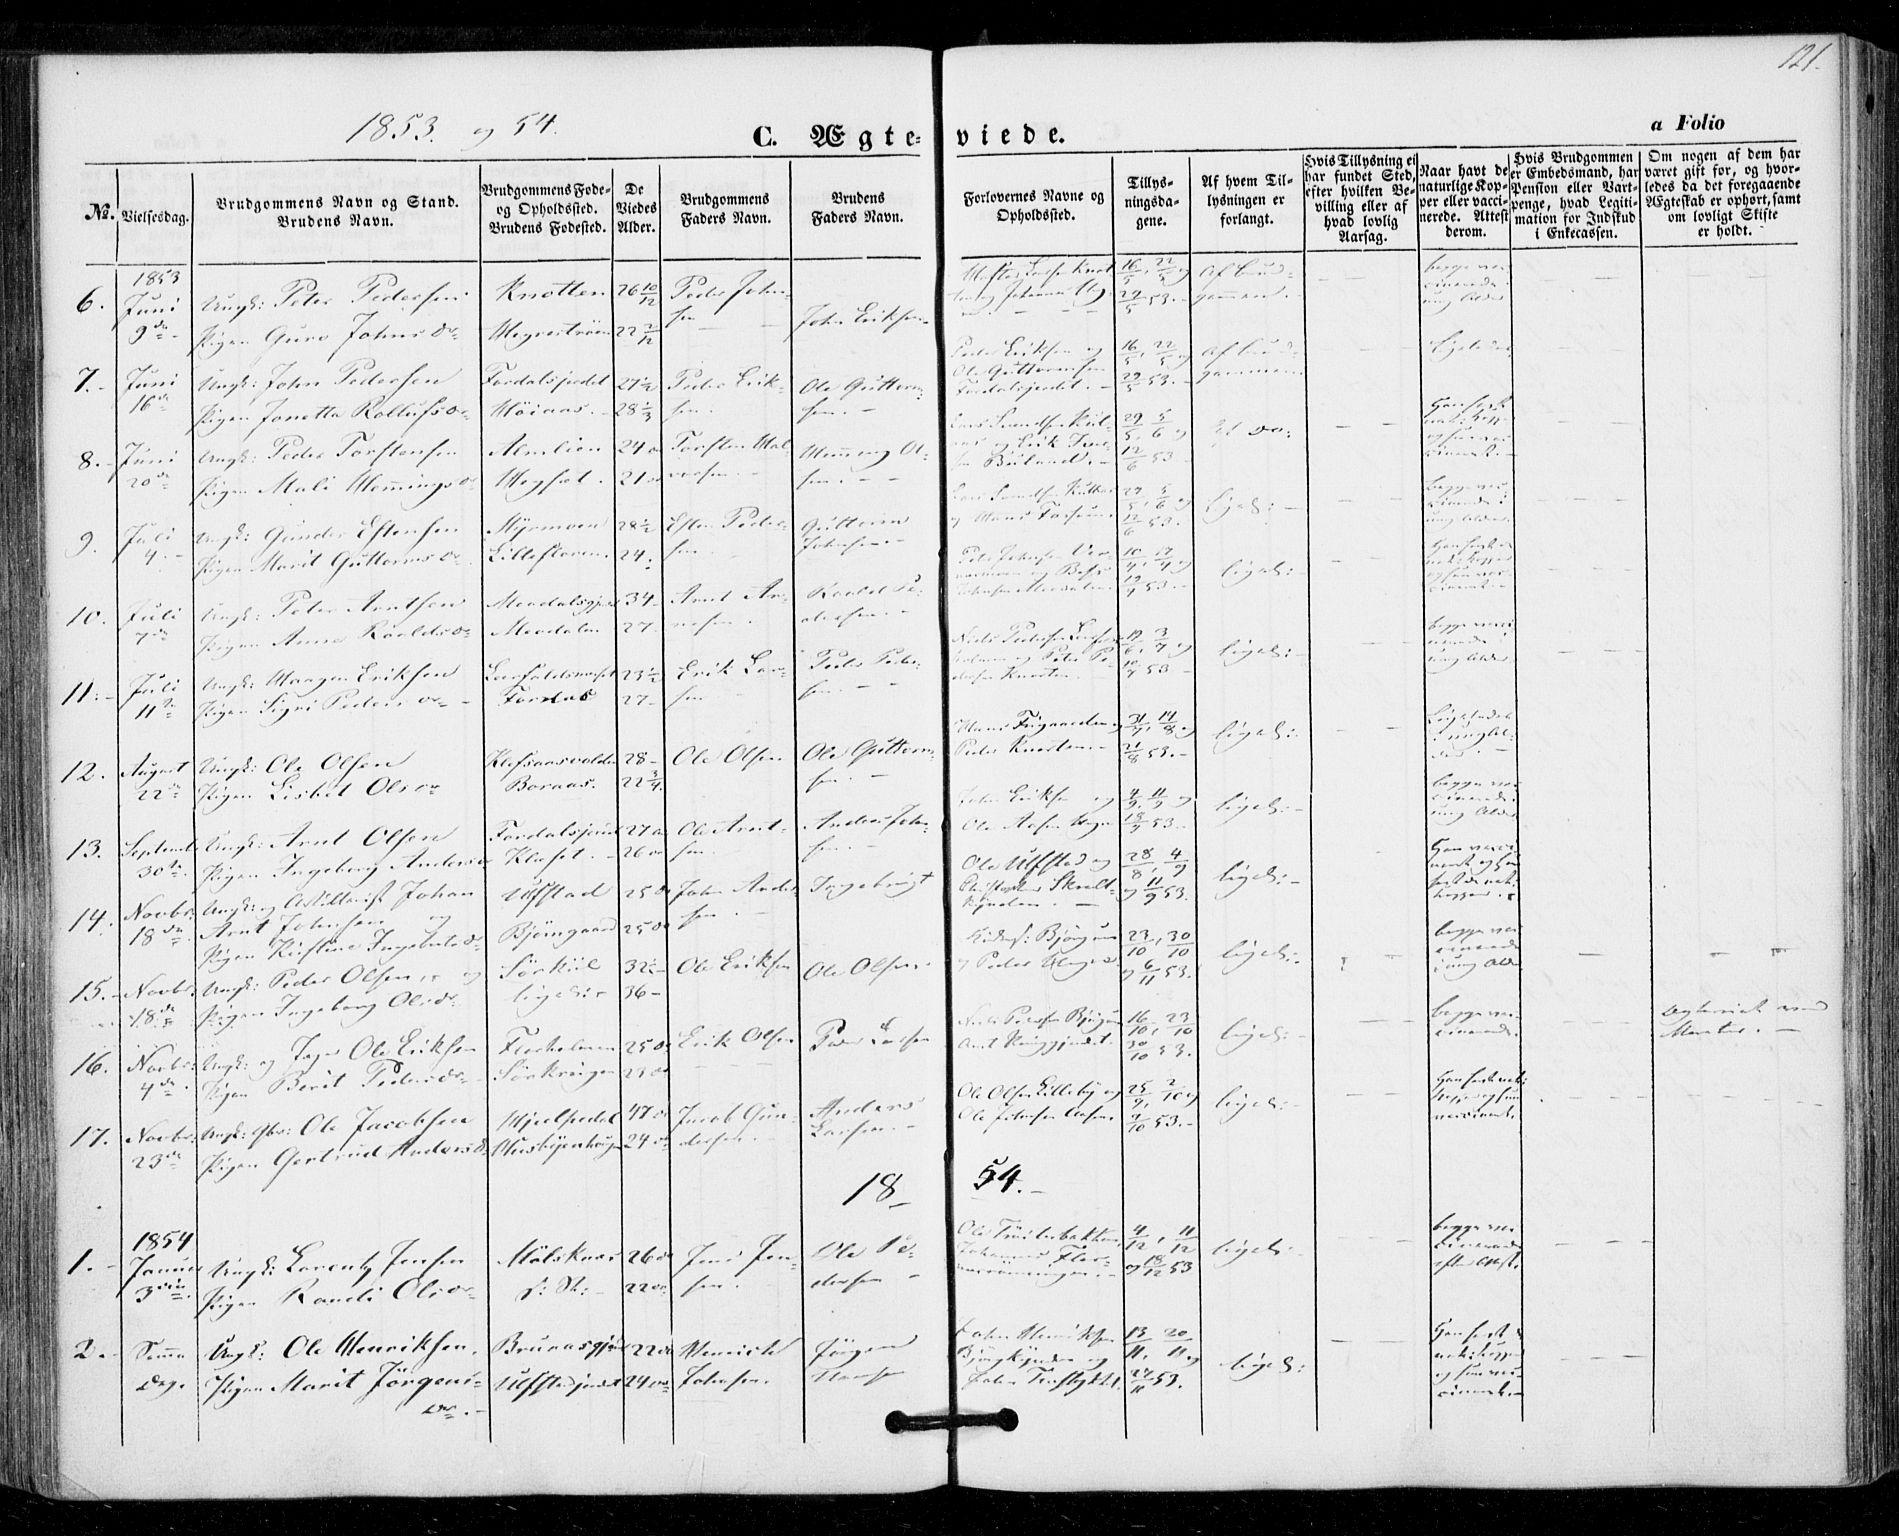 SAT, Ministerialprotokoller, klokkerbøker og fødselsregistre - Nord-Trøndelag, 703/L0028: Ministerialbok nr. 703A01, 1850-1862, s. 121